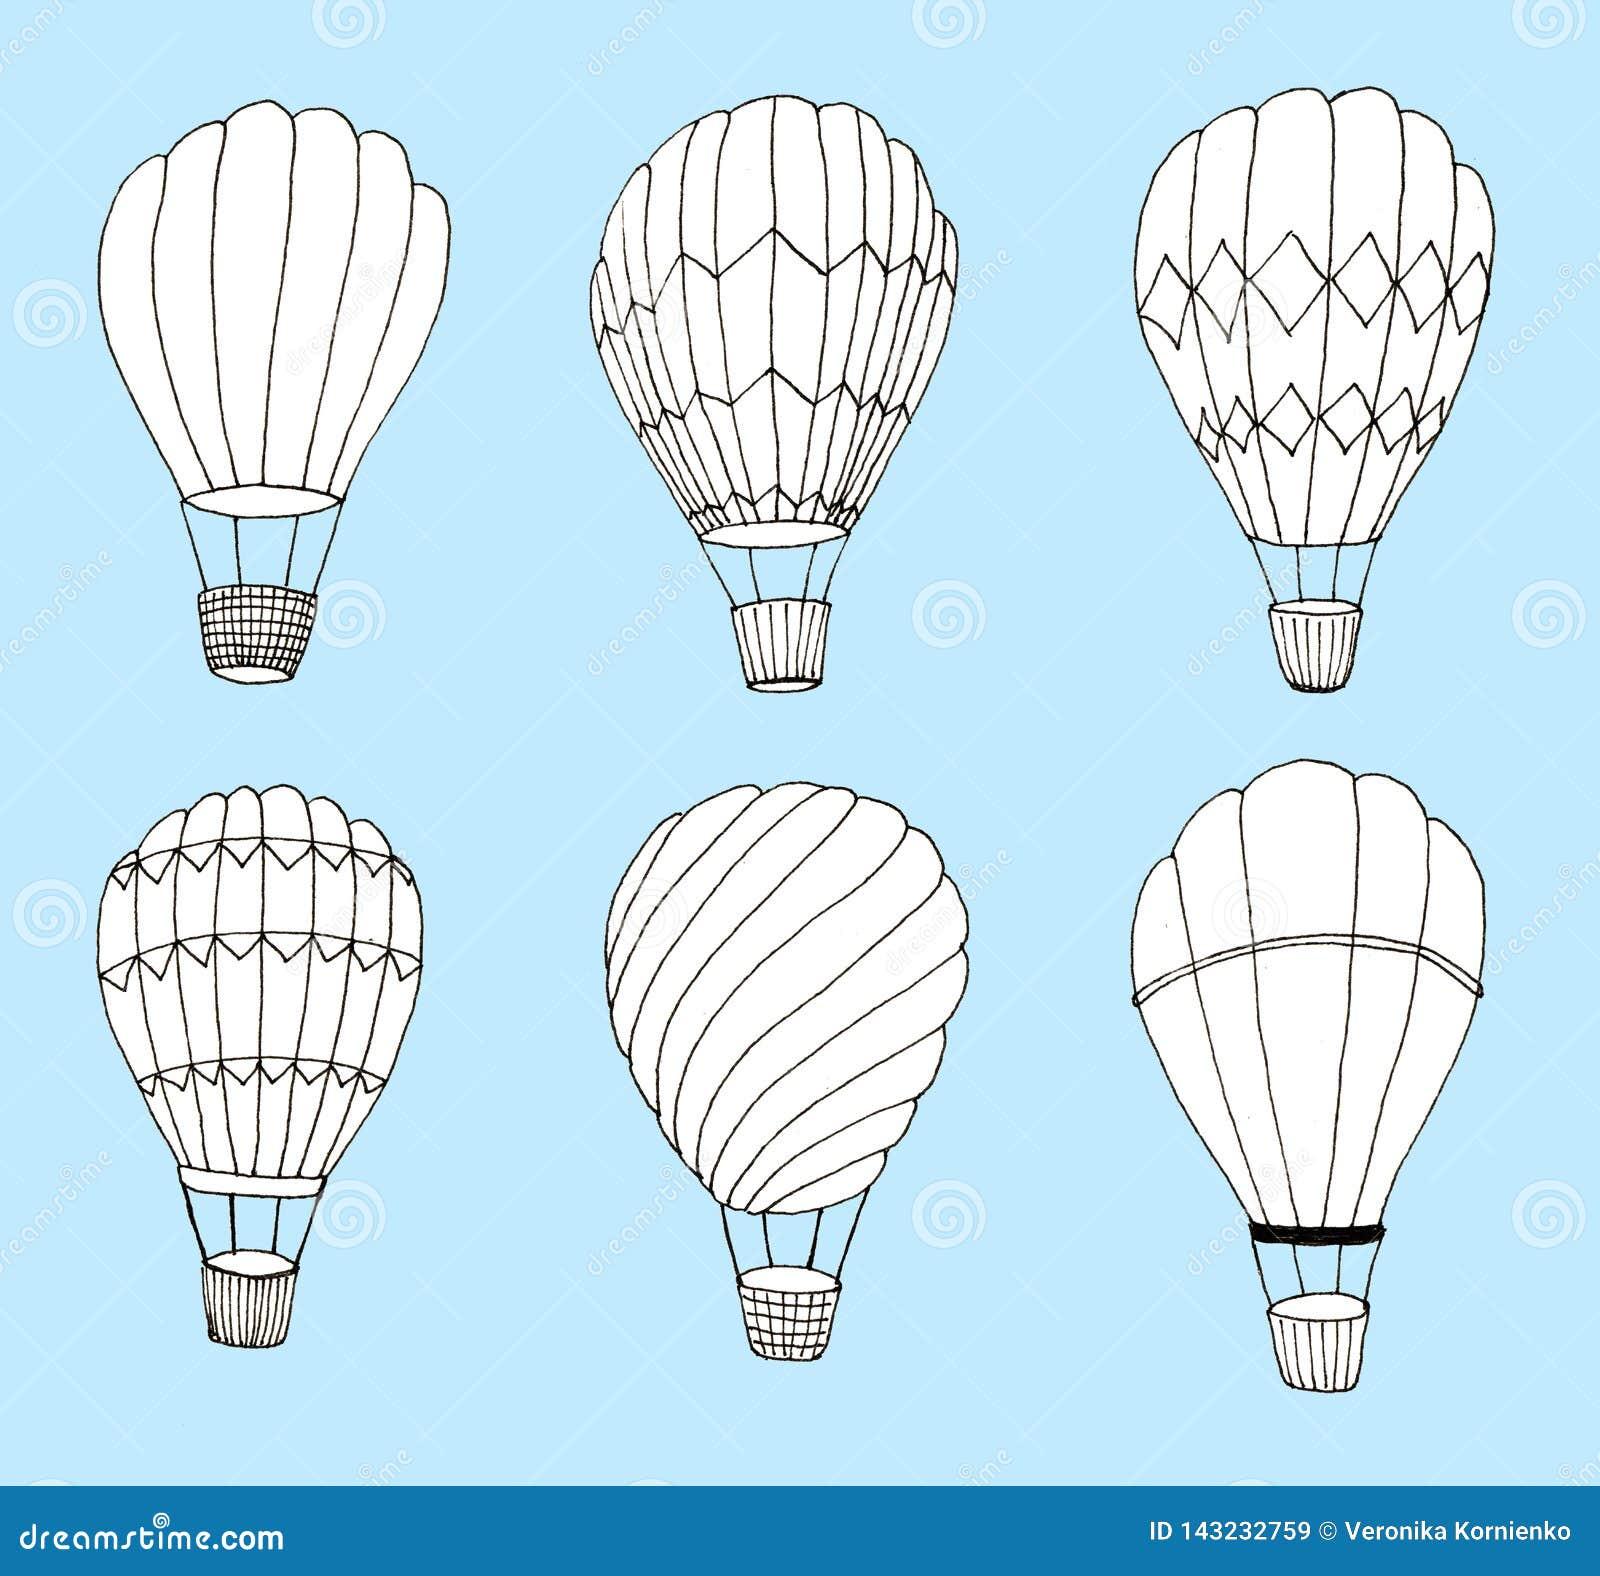 Handgezogene Heißluft baloons eingestellt auf blauen Hintergrund